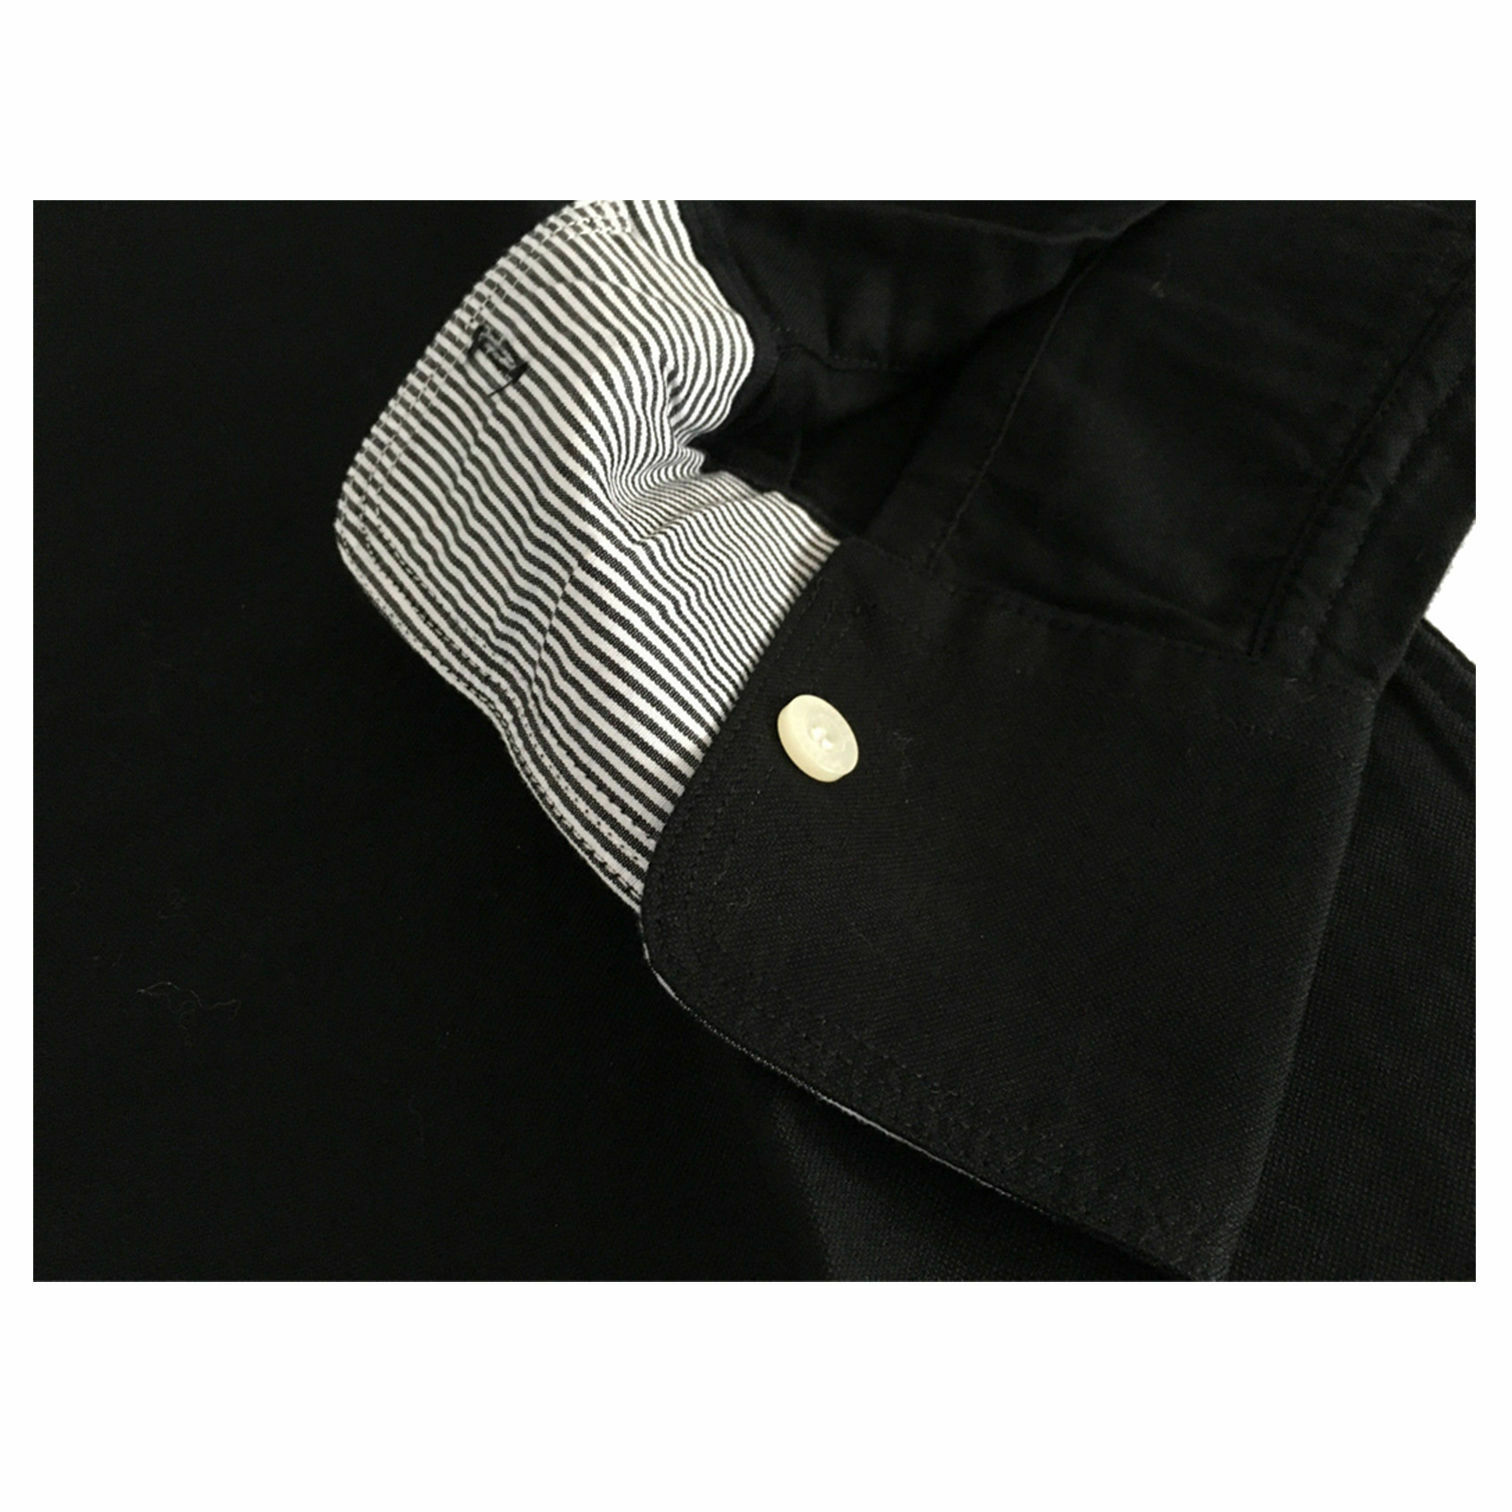 VINTAGE 55 linea GANGS détails OF NEW YORK chemise homme avec détails GANGS à rayures a0841a